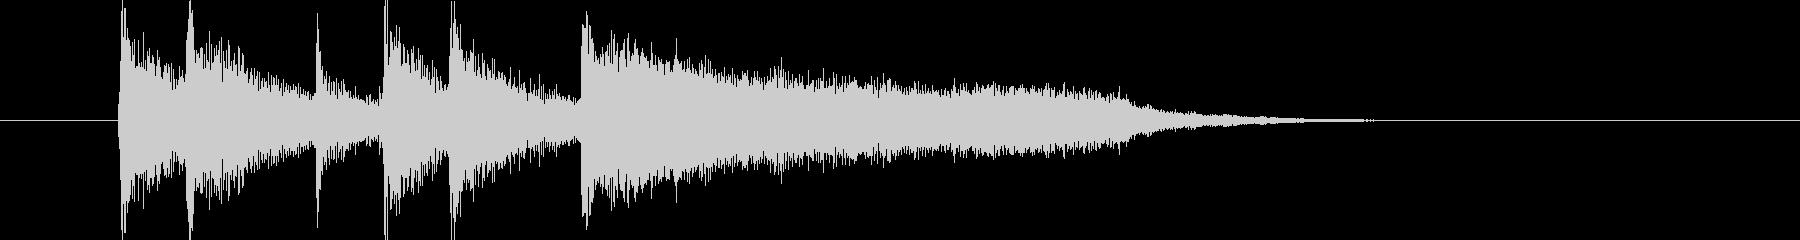 伸びやかなエレクトーンが印象的なBGMの未再生の波形